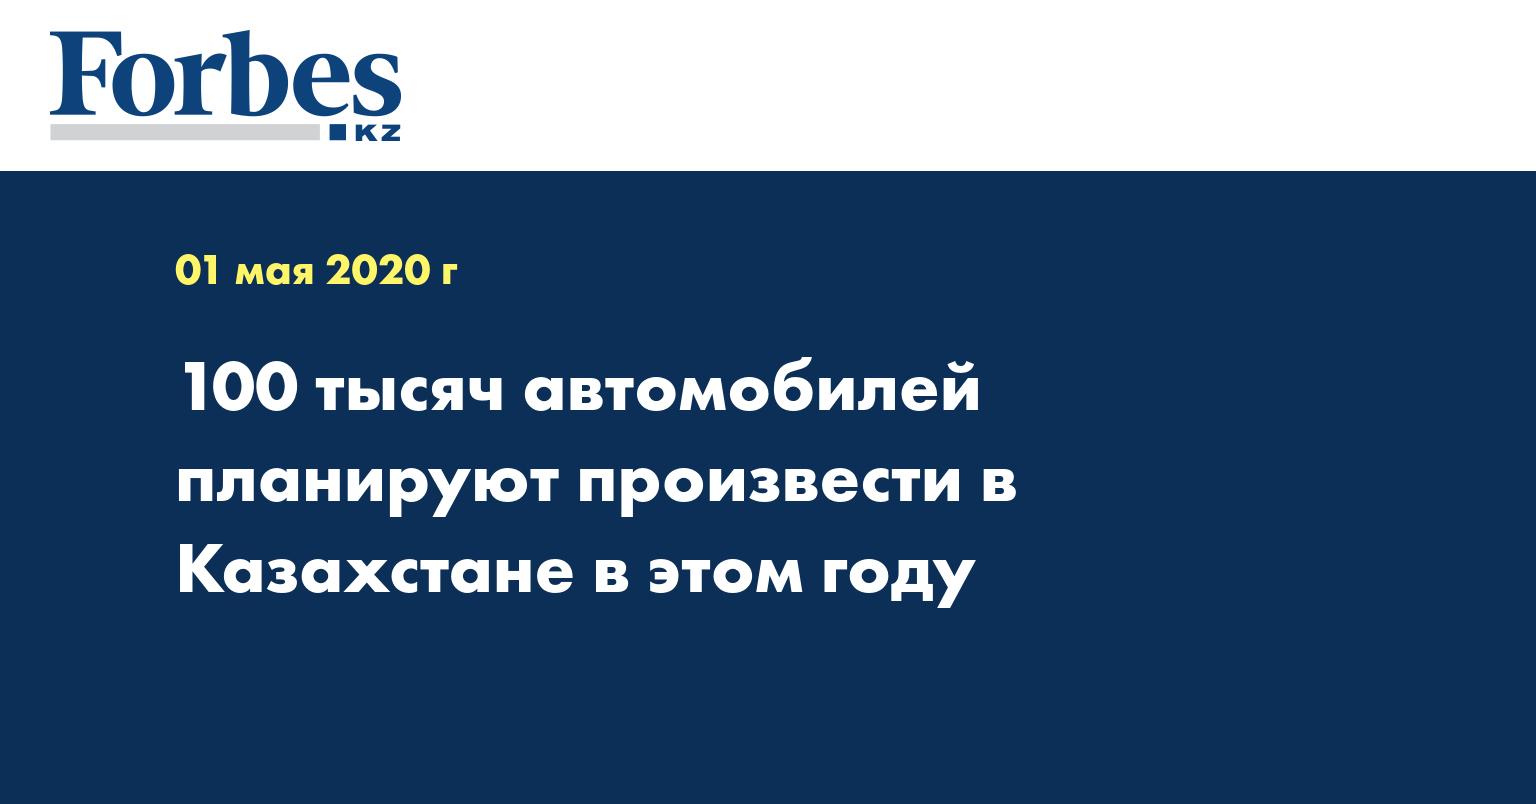 100 тысяч автомобилей планируют произвести в Казахстане в этом году